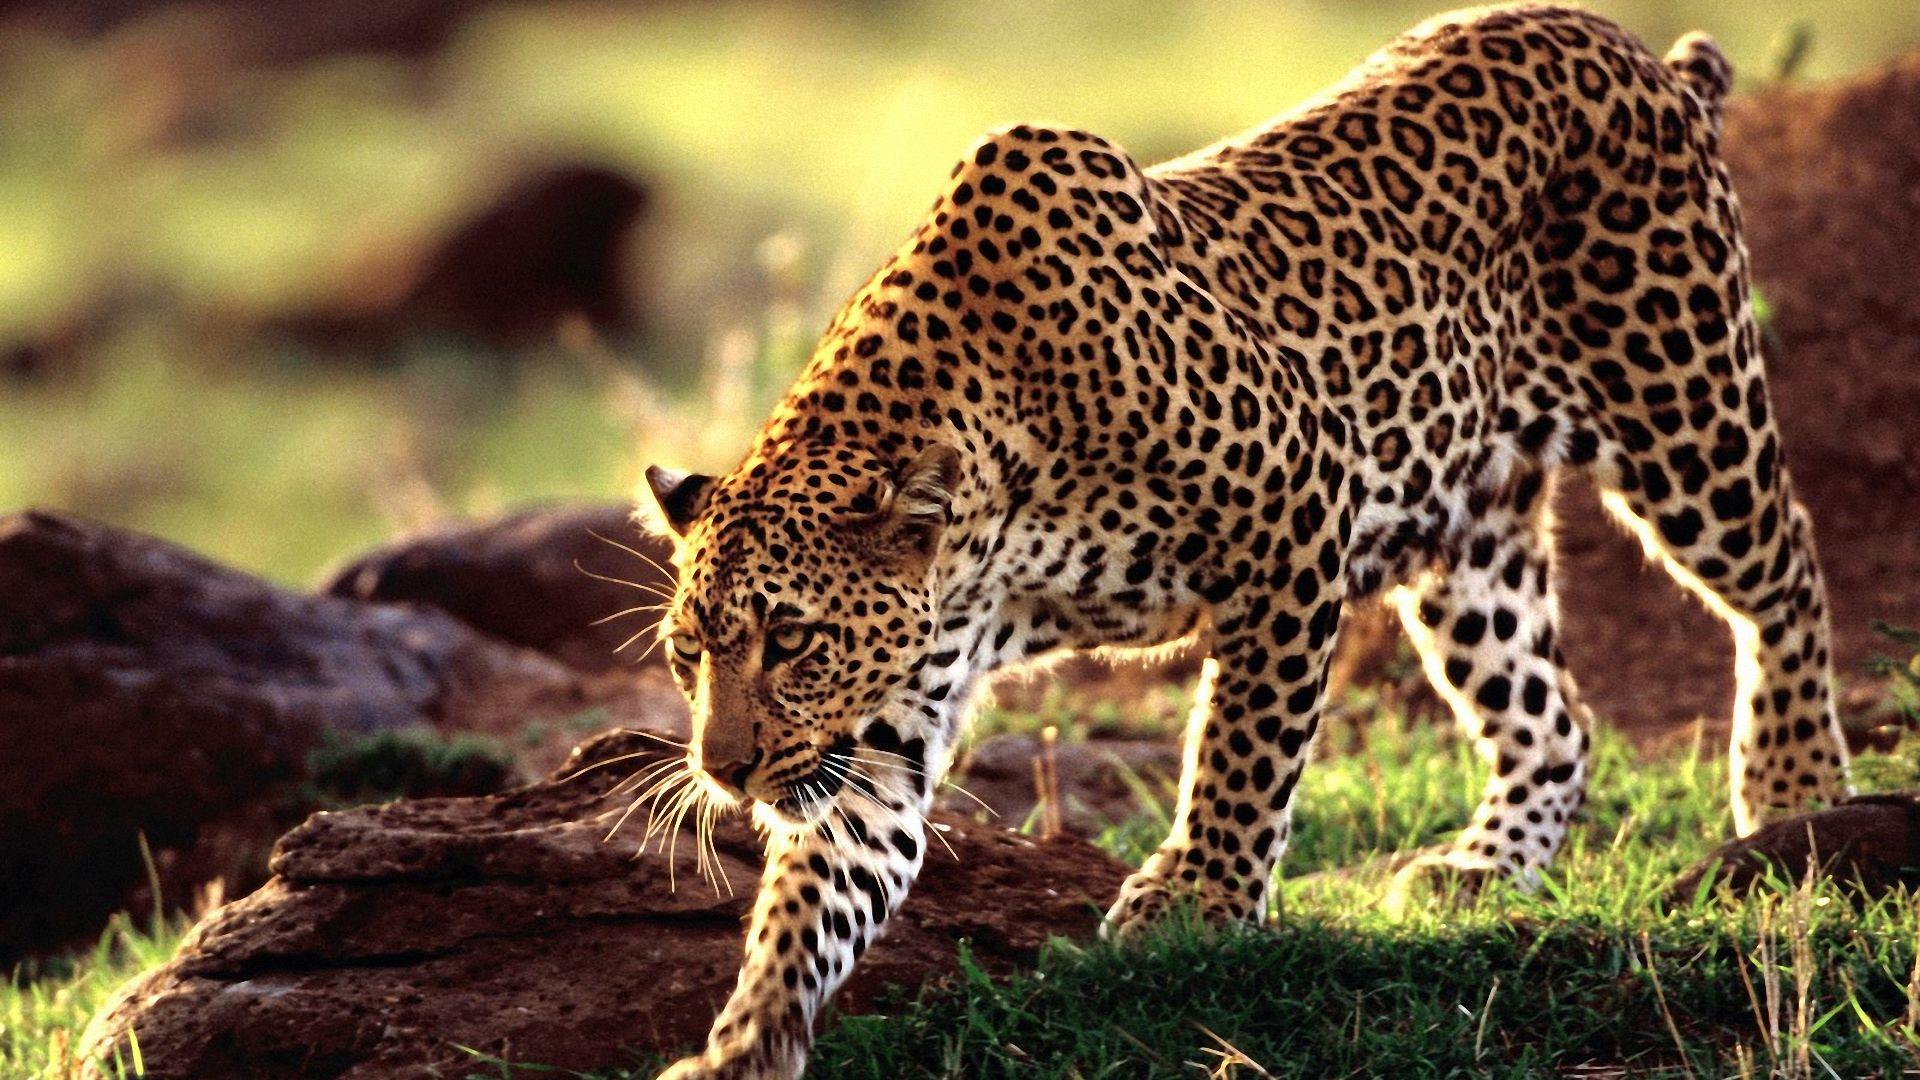 Stunning Leopard Wallpaper